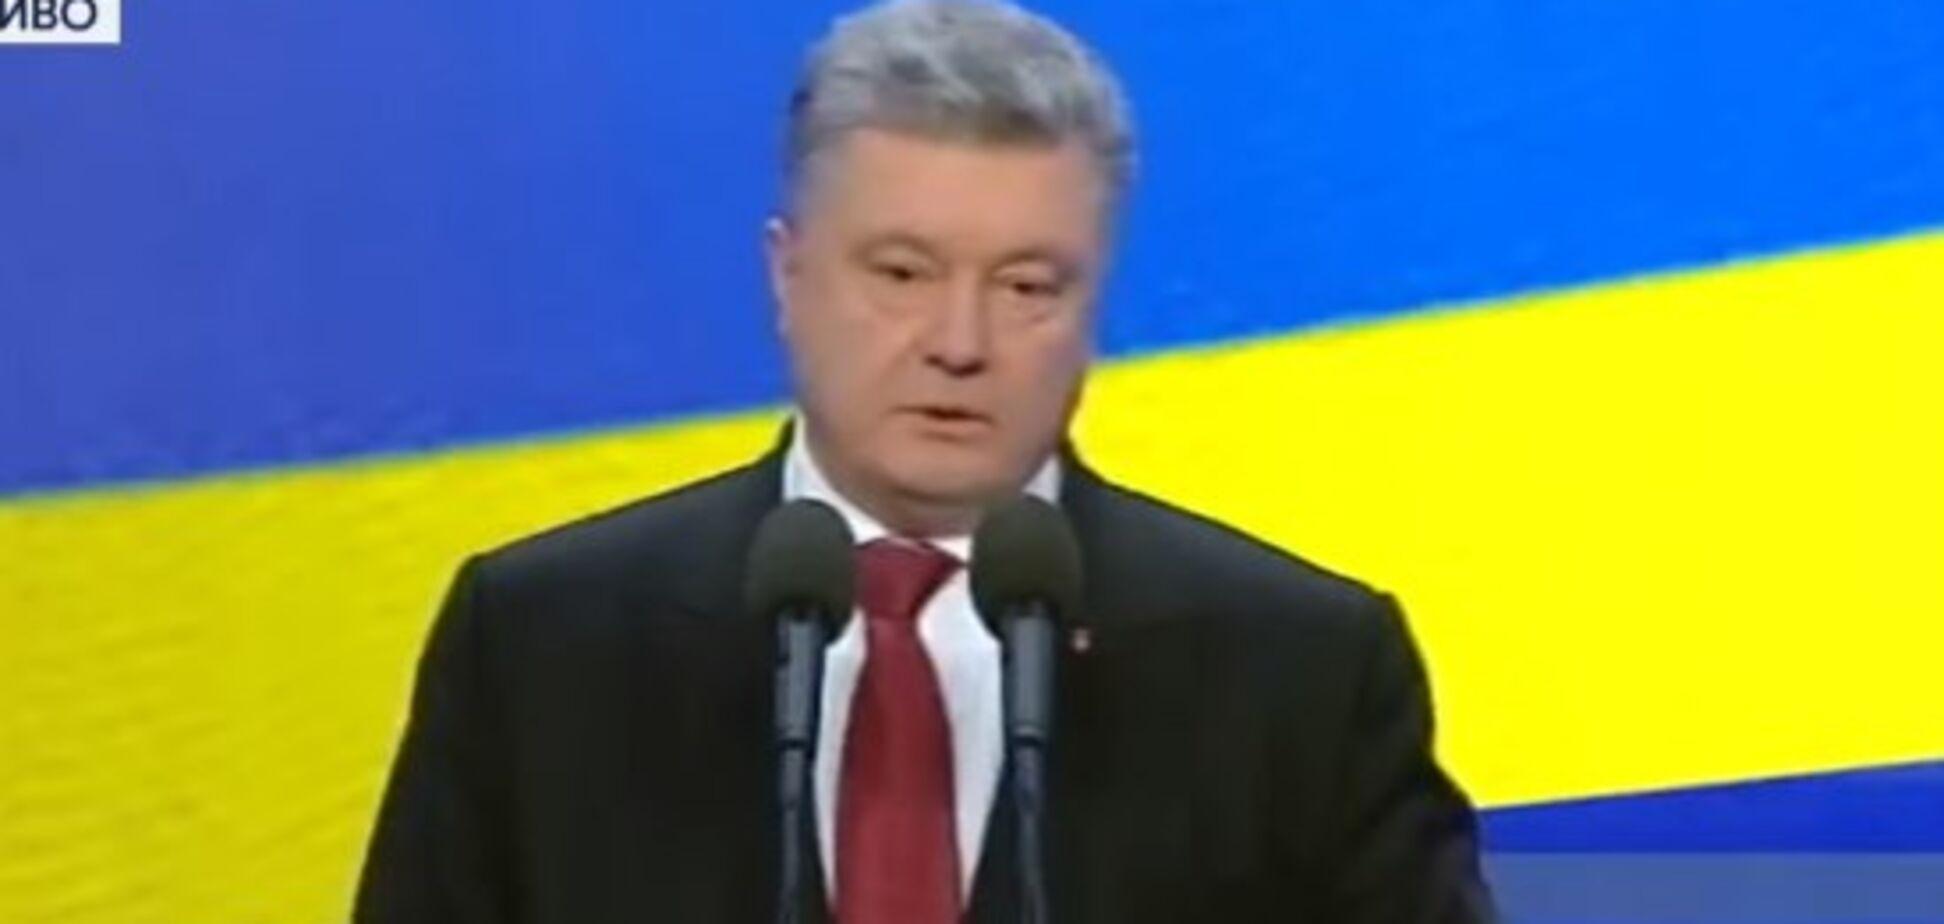 'Безальтернативно': Порошенко озвучив спосіб звільнення Донбасу